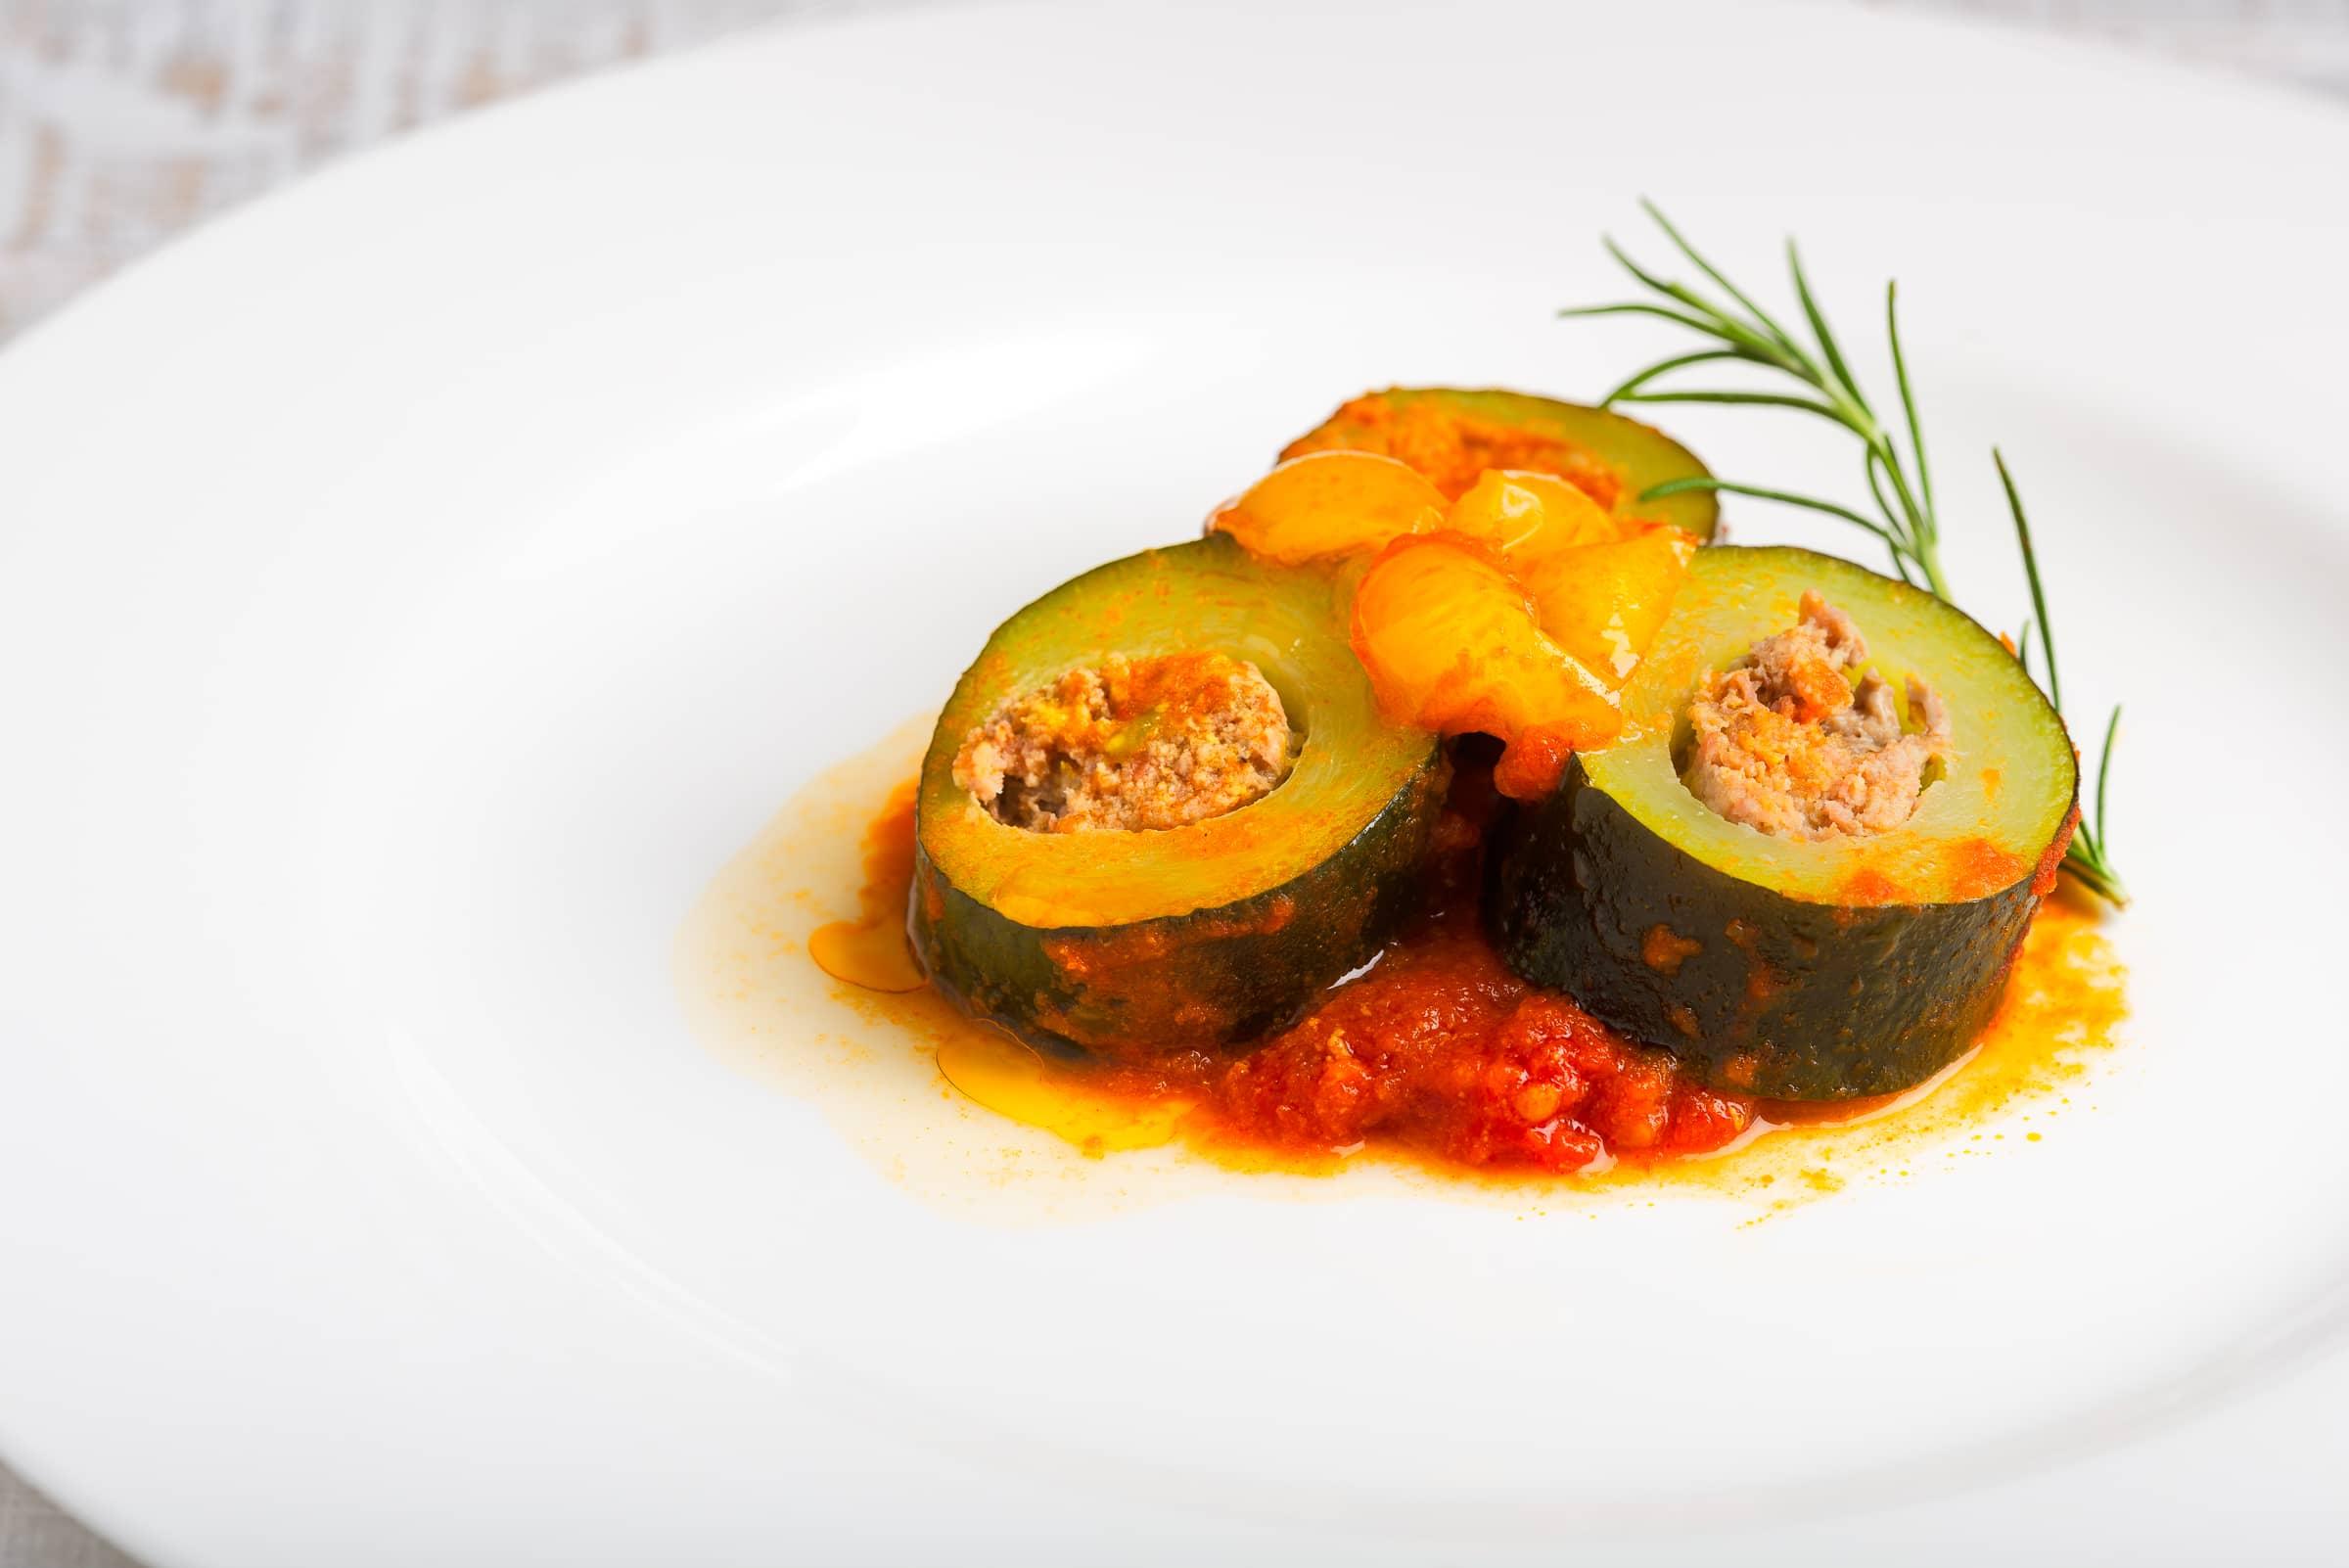 Zucchine ripiene di carne ricetta gmamam.com